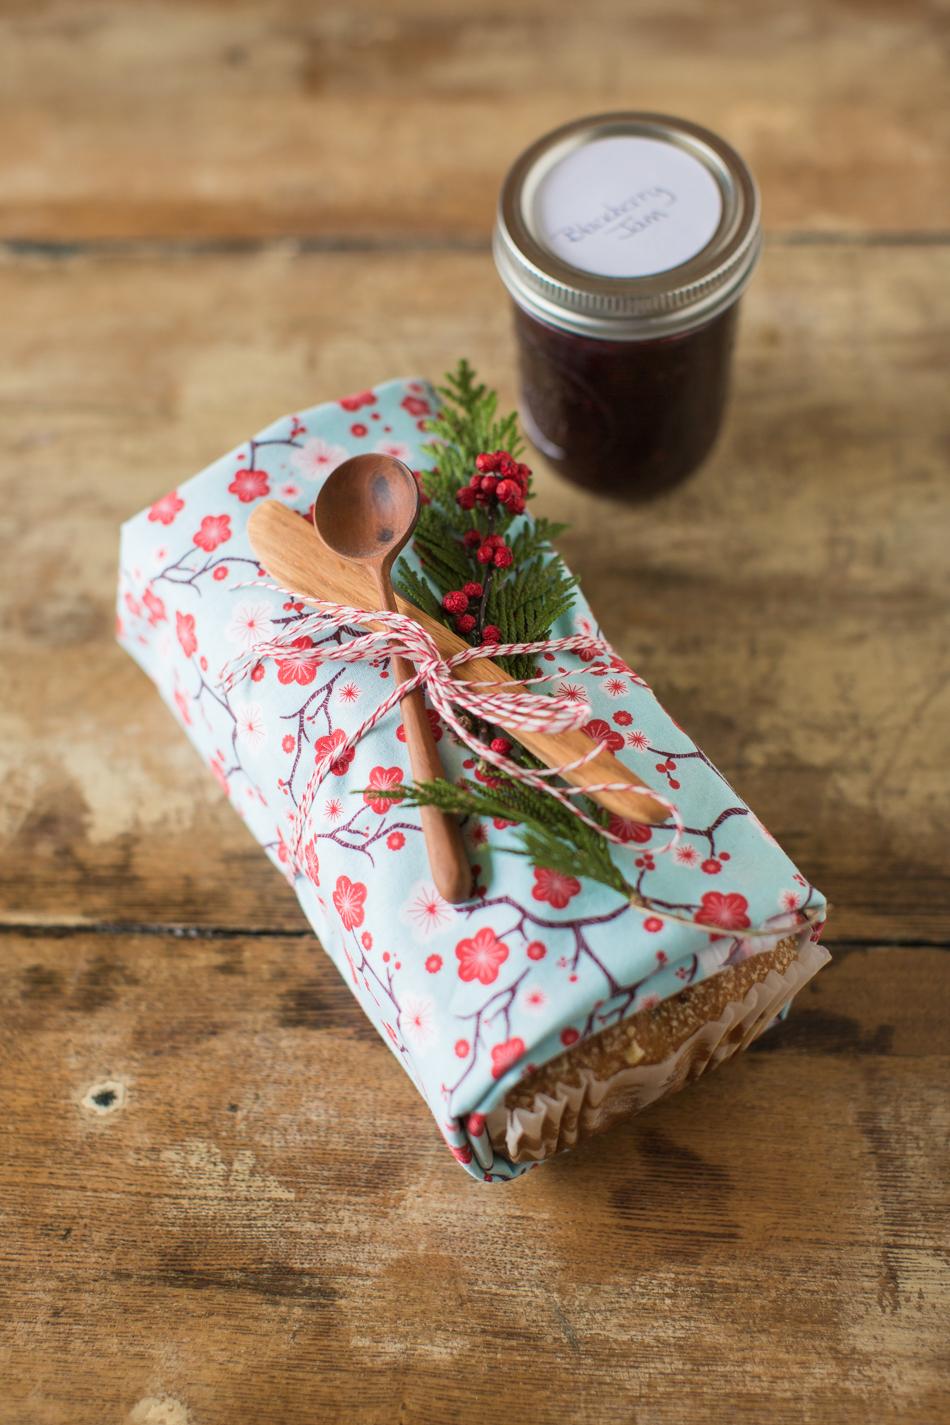 heinens_4pmpanic_kitchen_gifts-4349